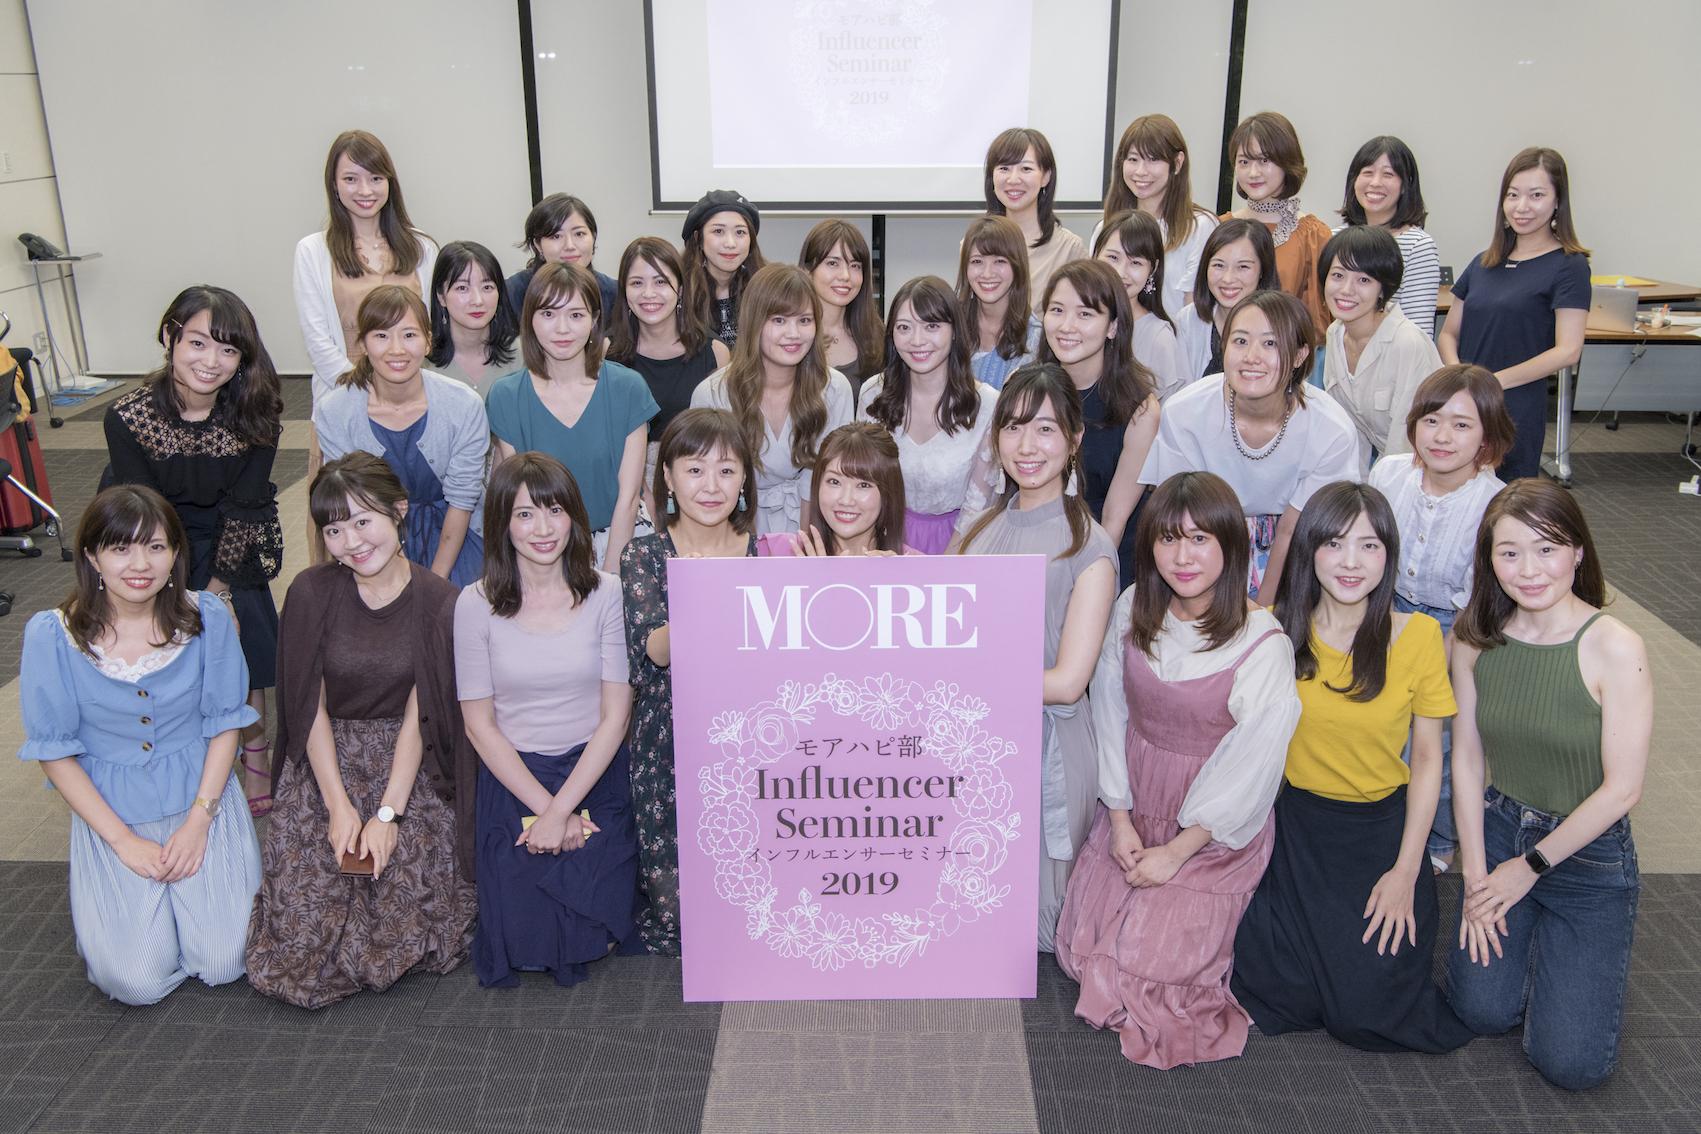 【デキる女子になるために】モアハピ部インフルエンサーセミナー2019に参加してきました!【その2】_7